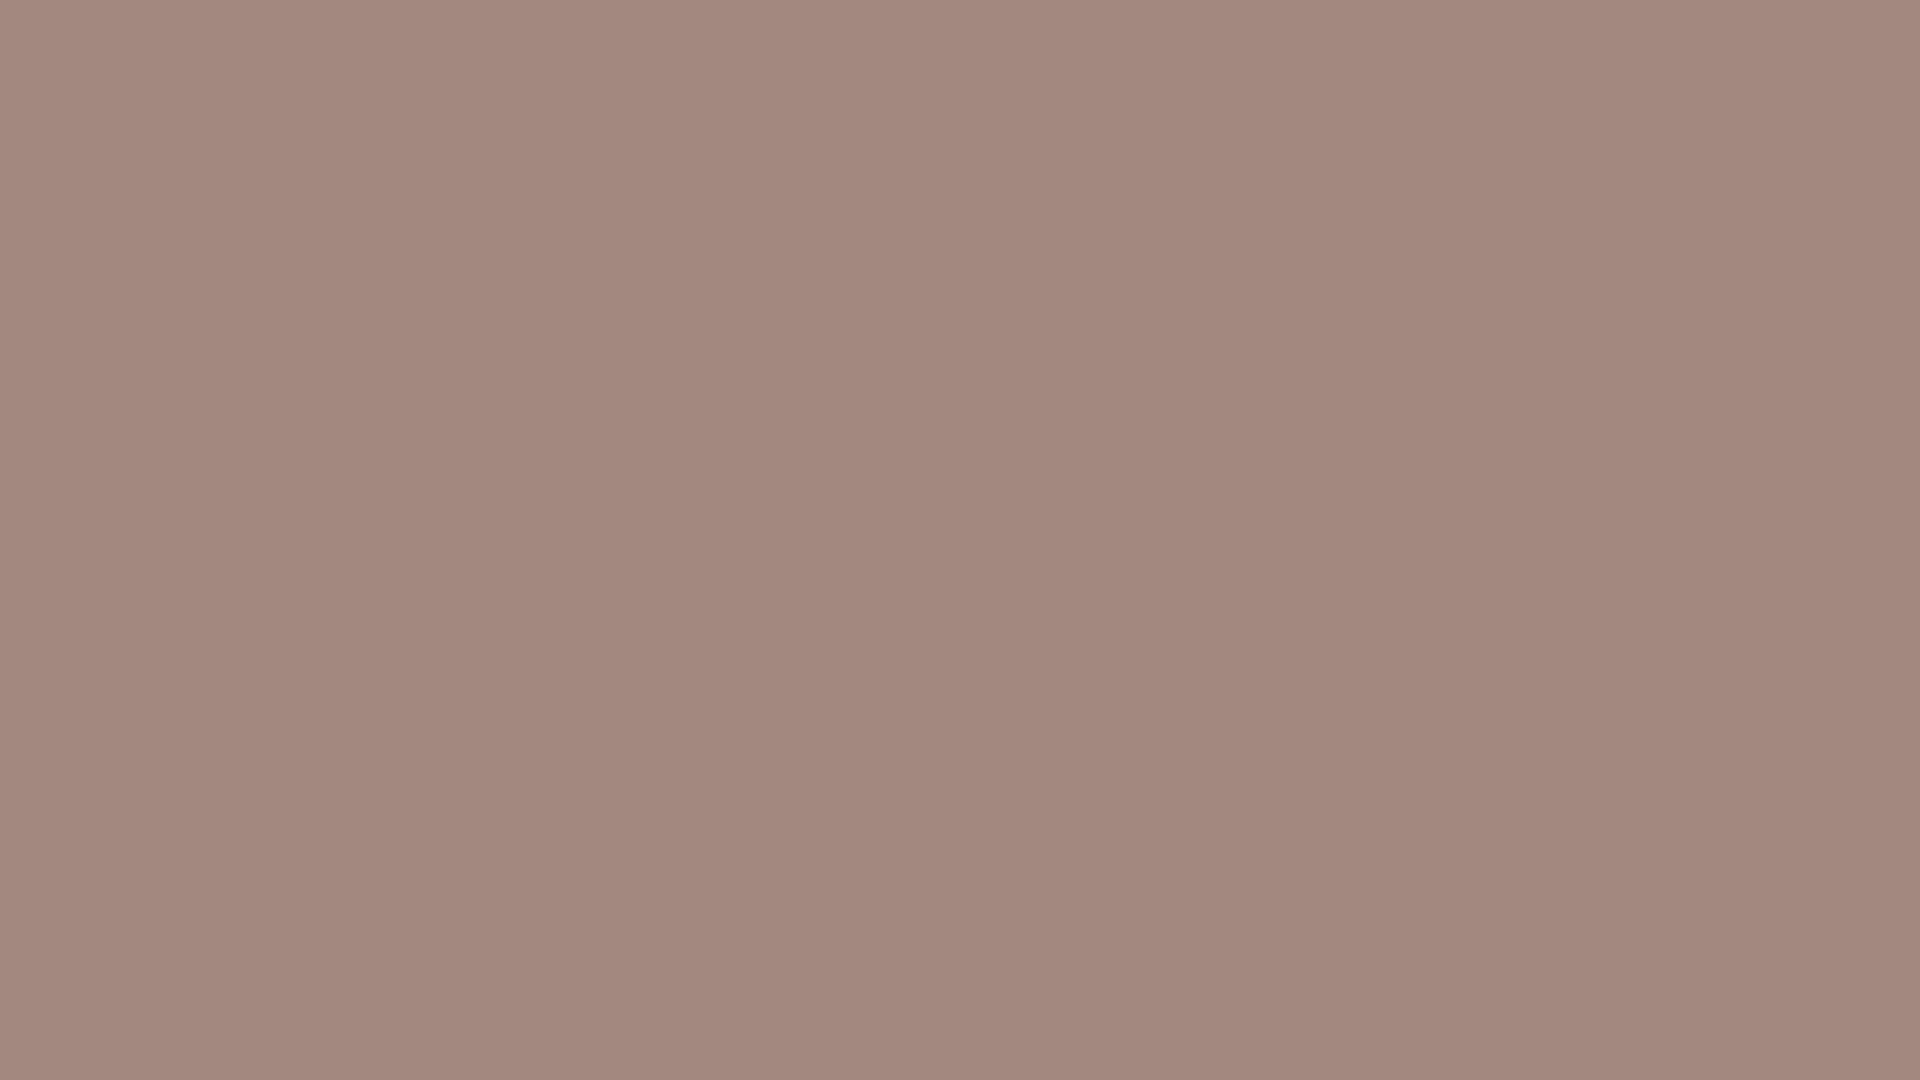 a1887f wallpaper 70477